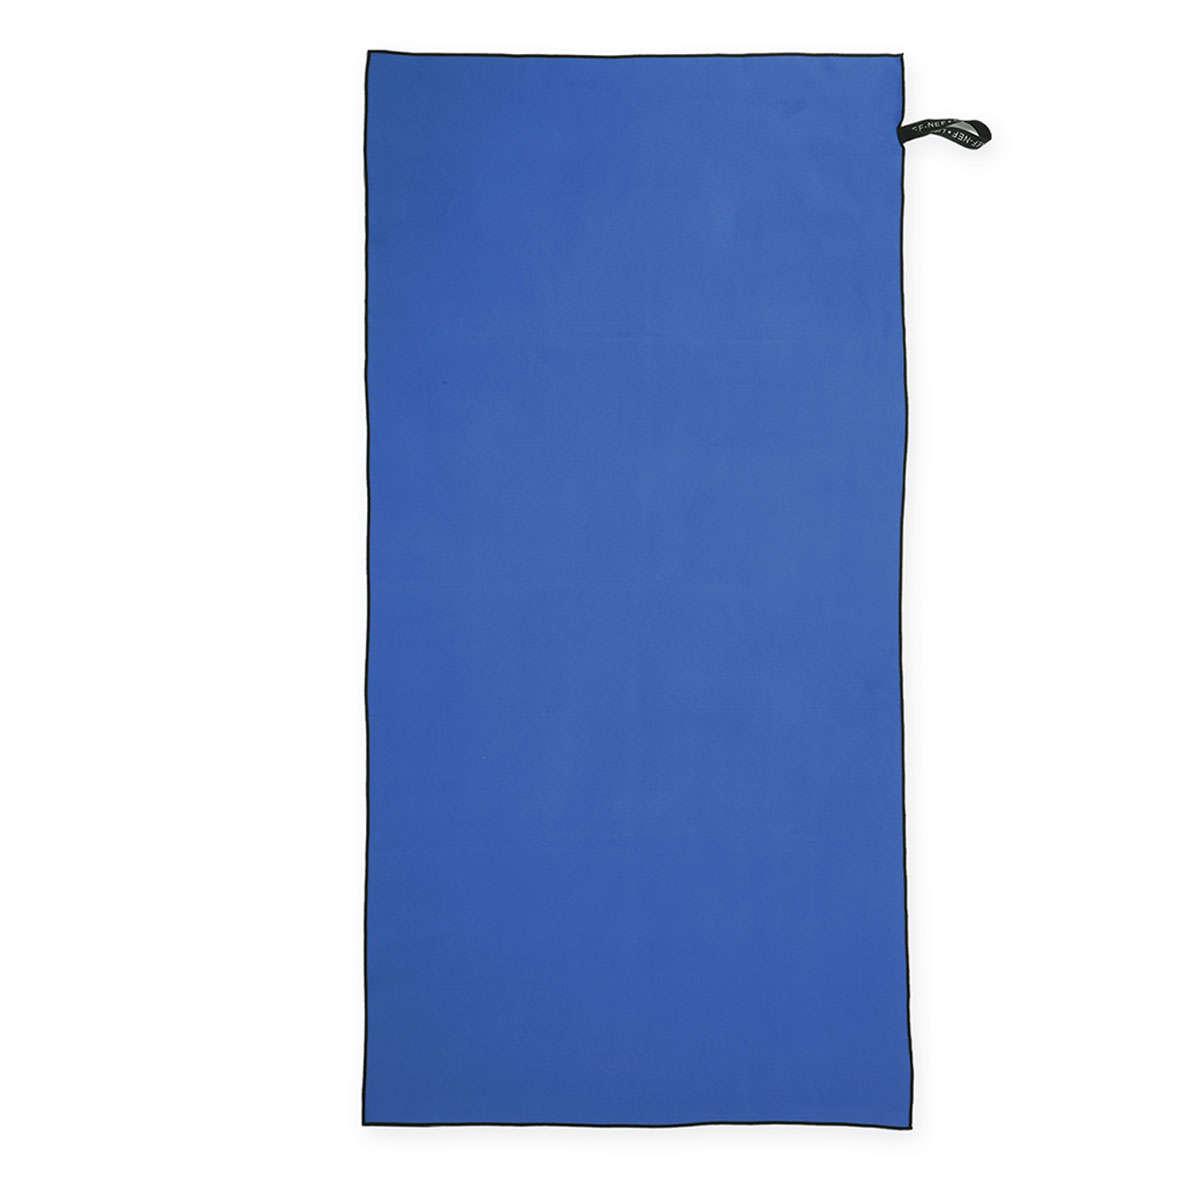 Πετσέτα Θαλάσσης Παιδική Vivid Young Blue Nef-Nef Θαλάσσης 75x150cm